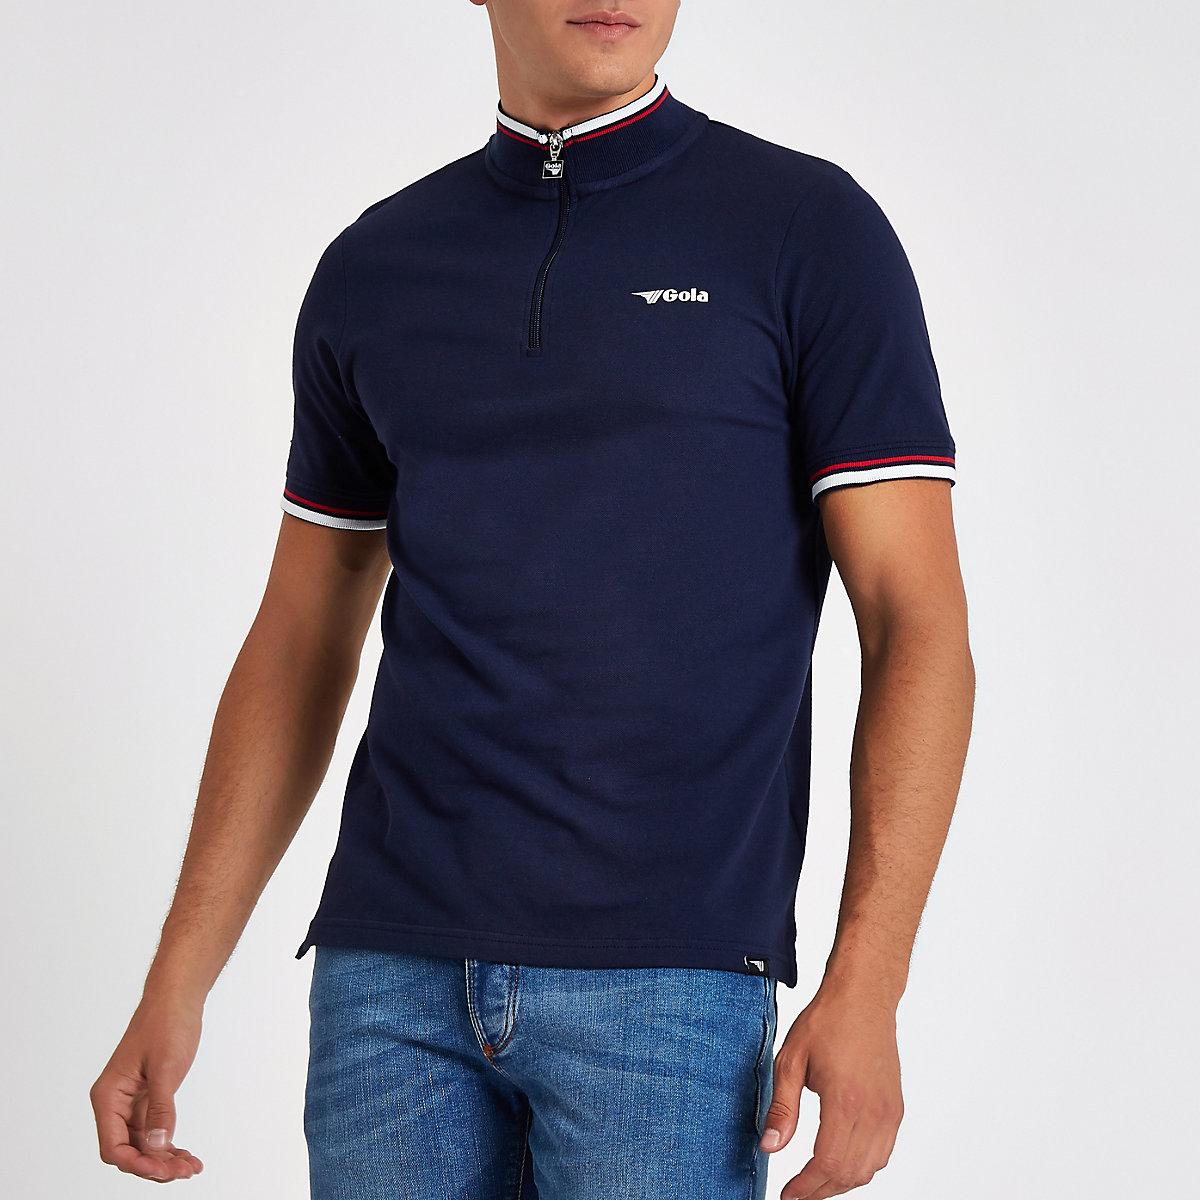 Gola navy funnel neck zip front T-shirt